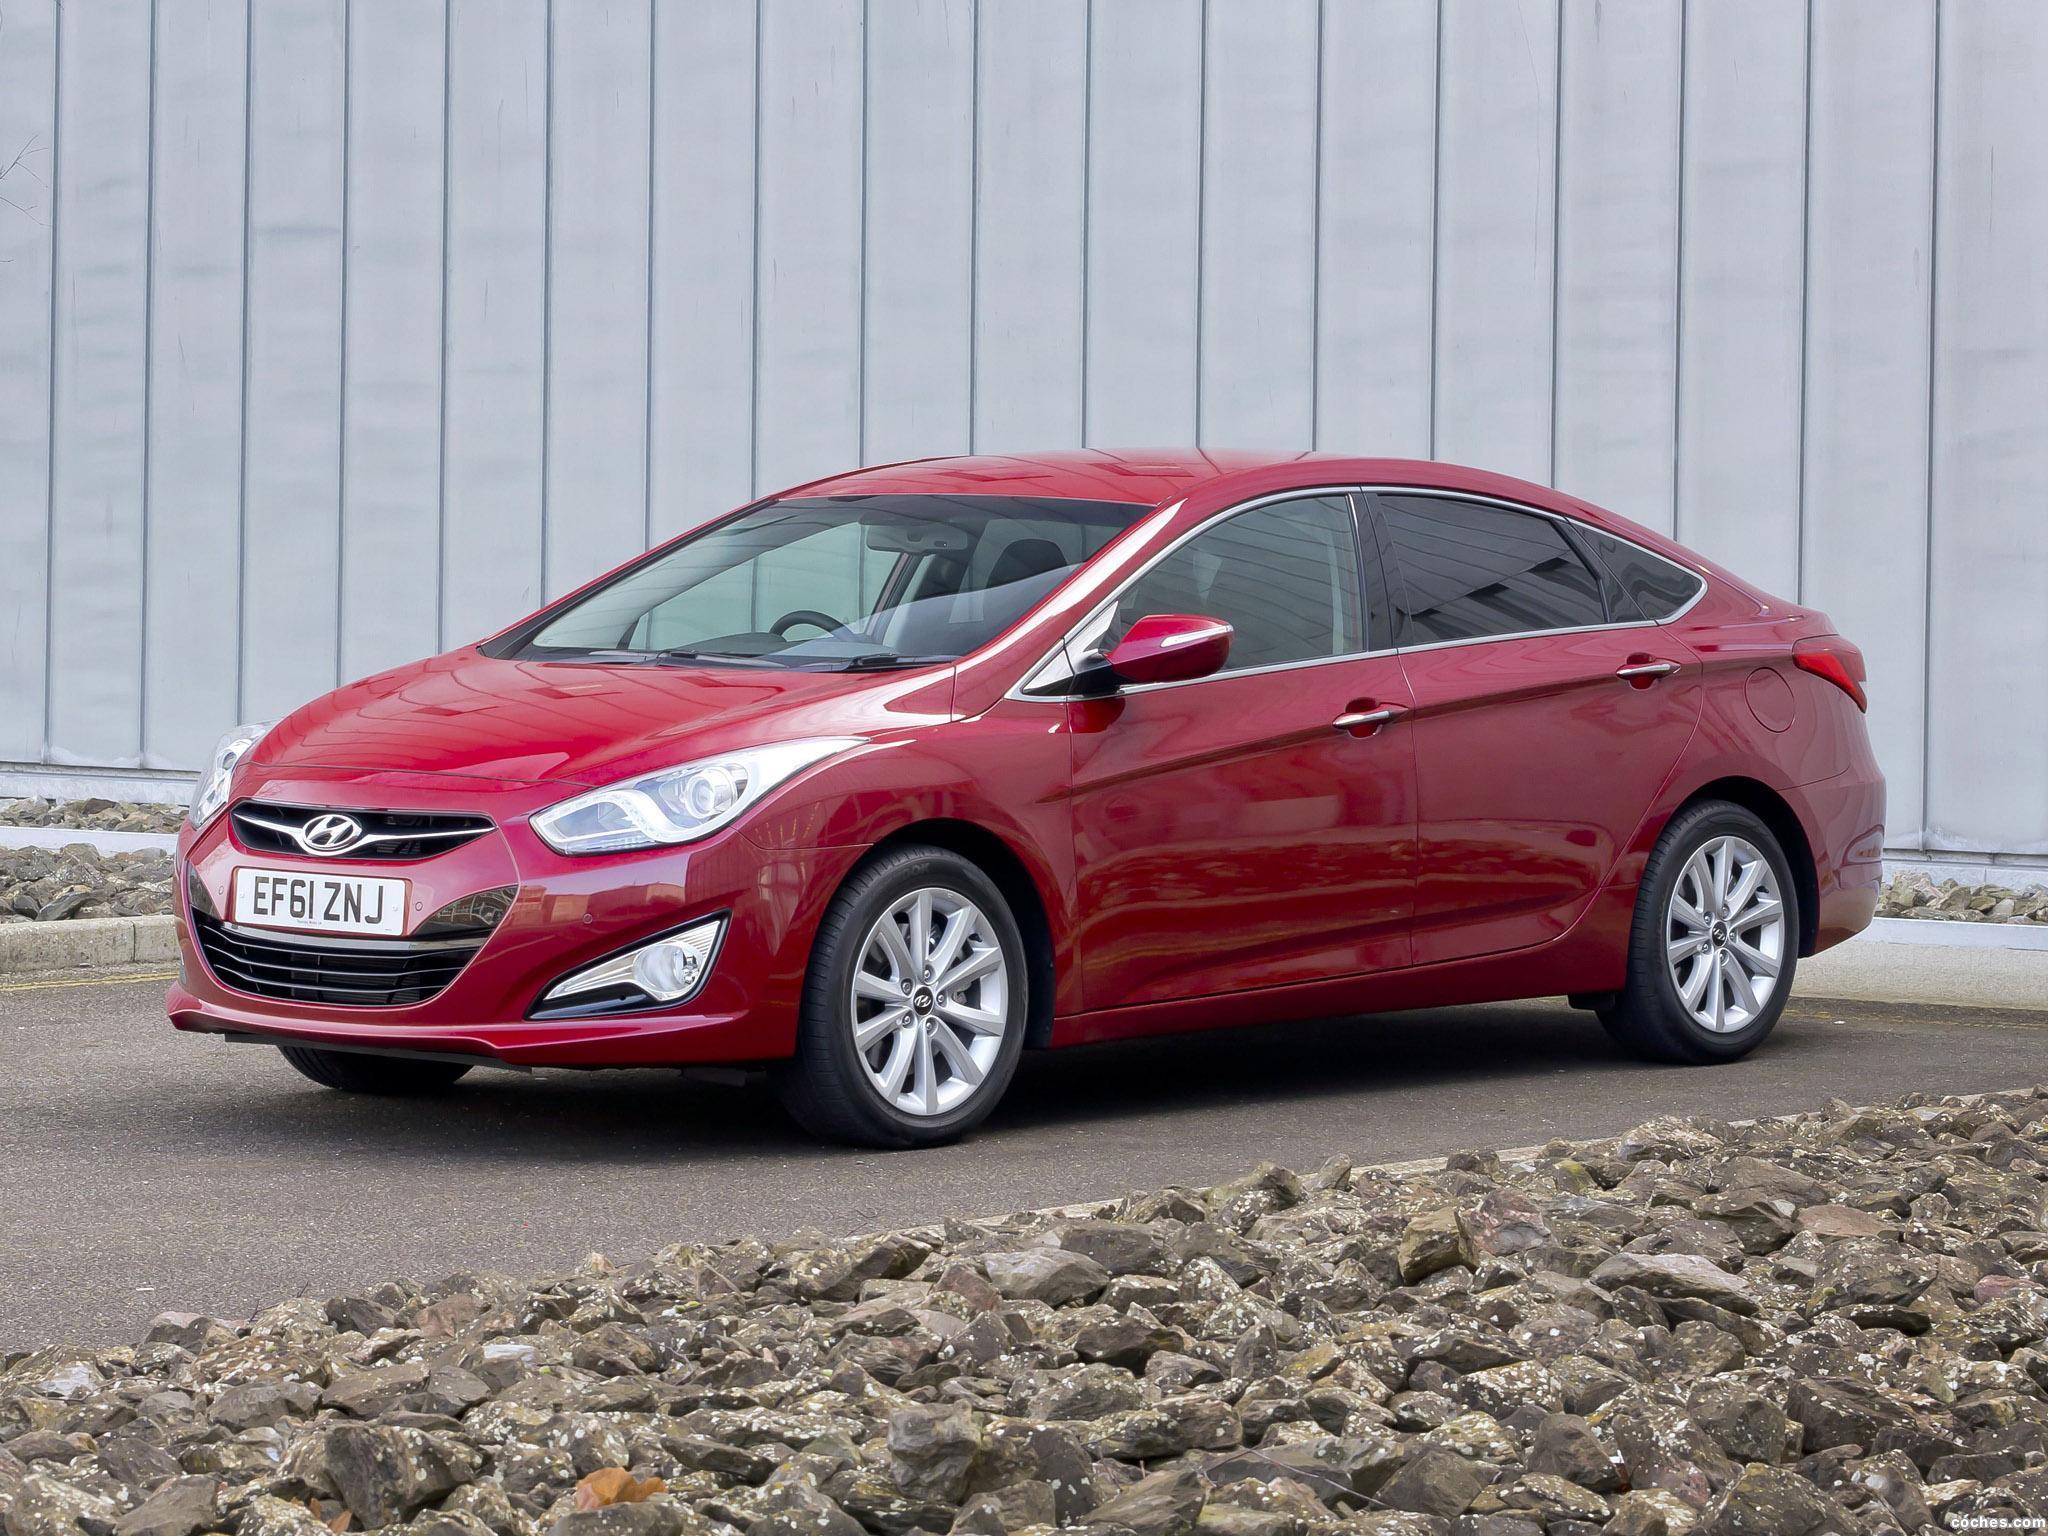 Foto 6 de Hyundai i40 Sedan UK 2012